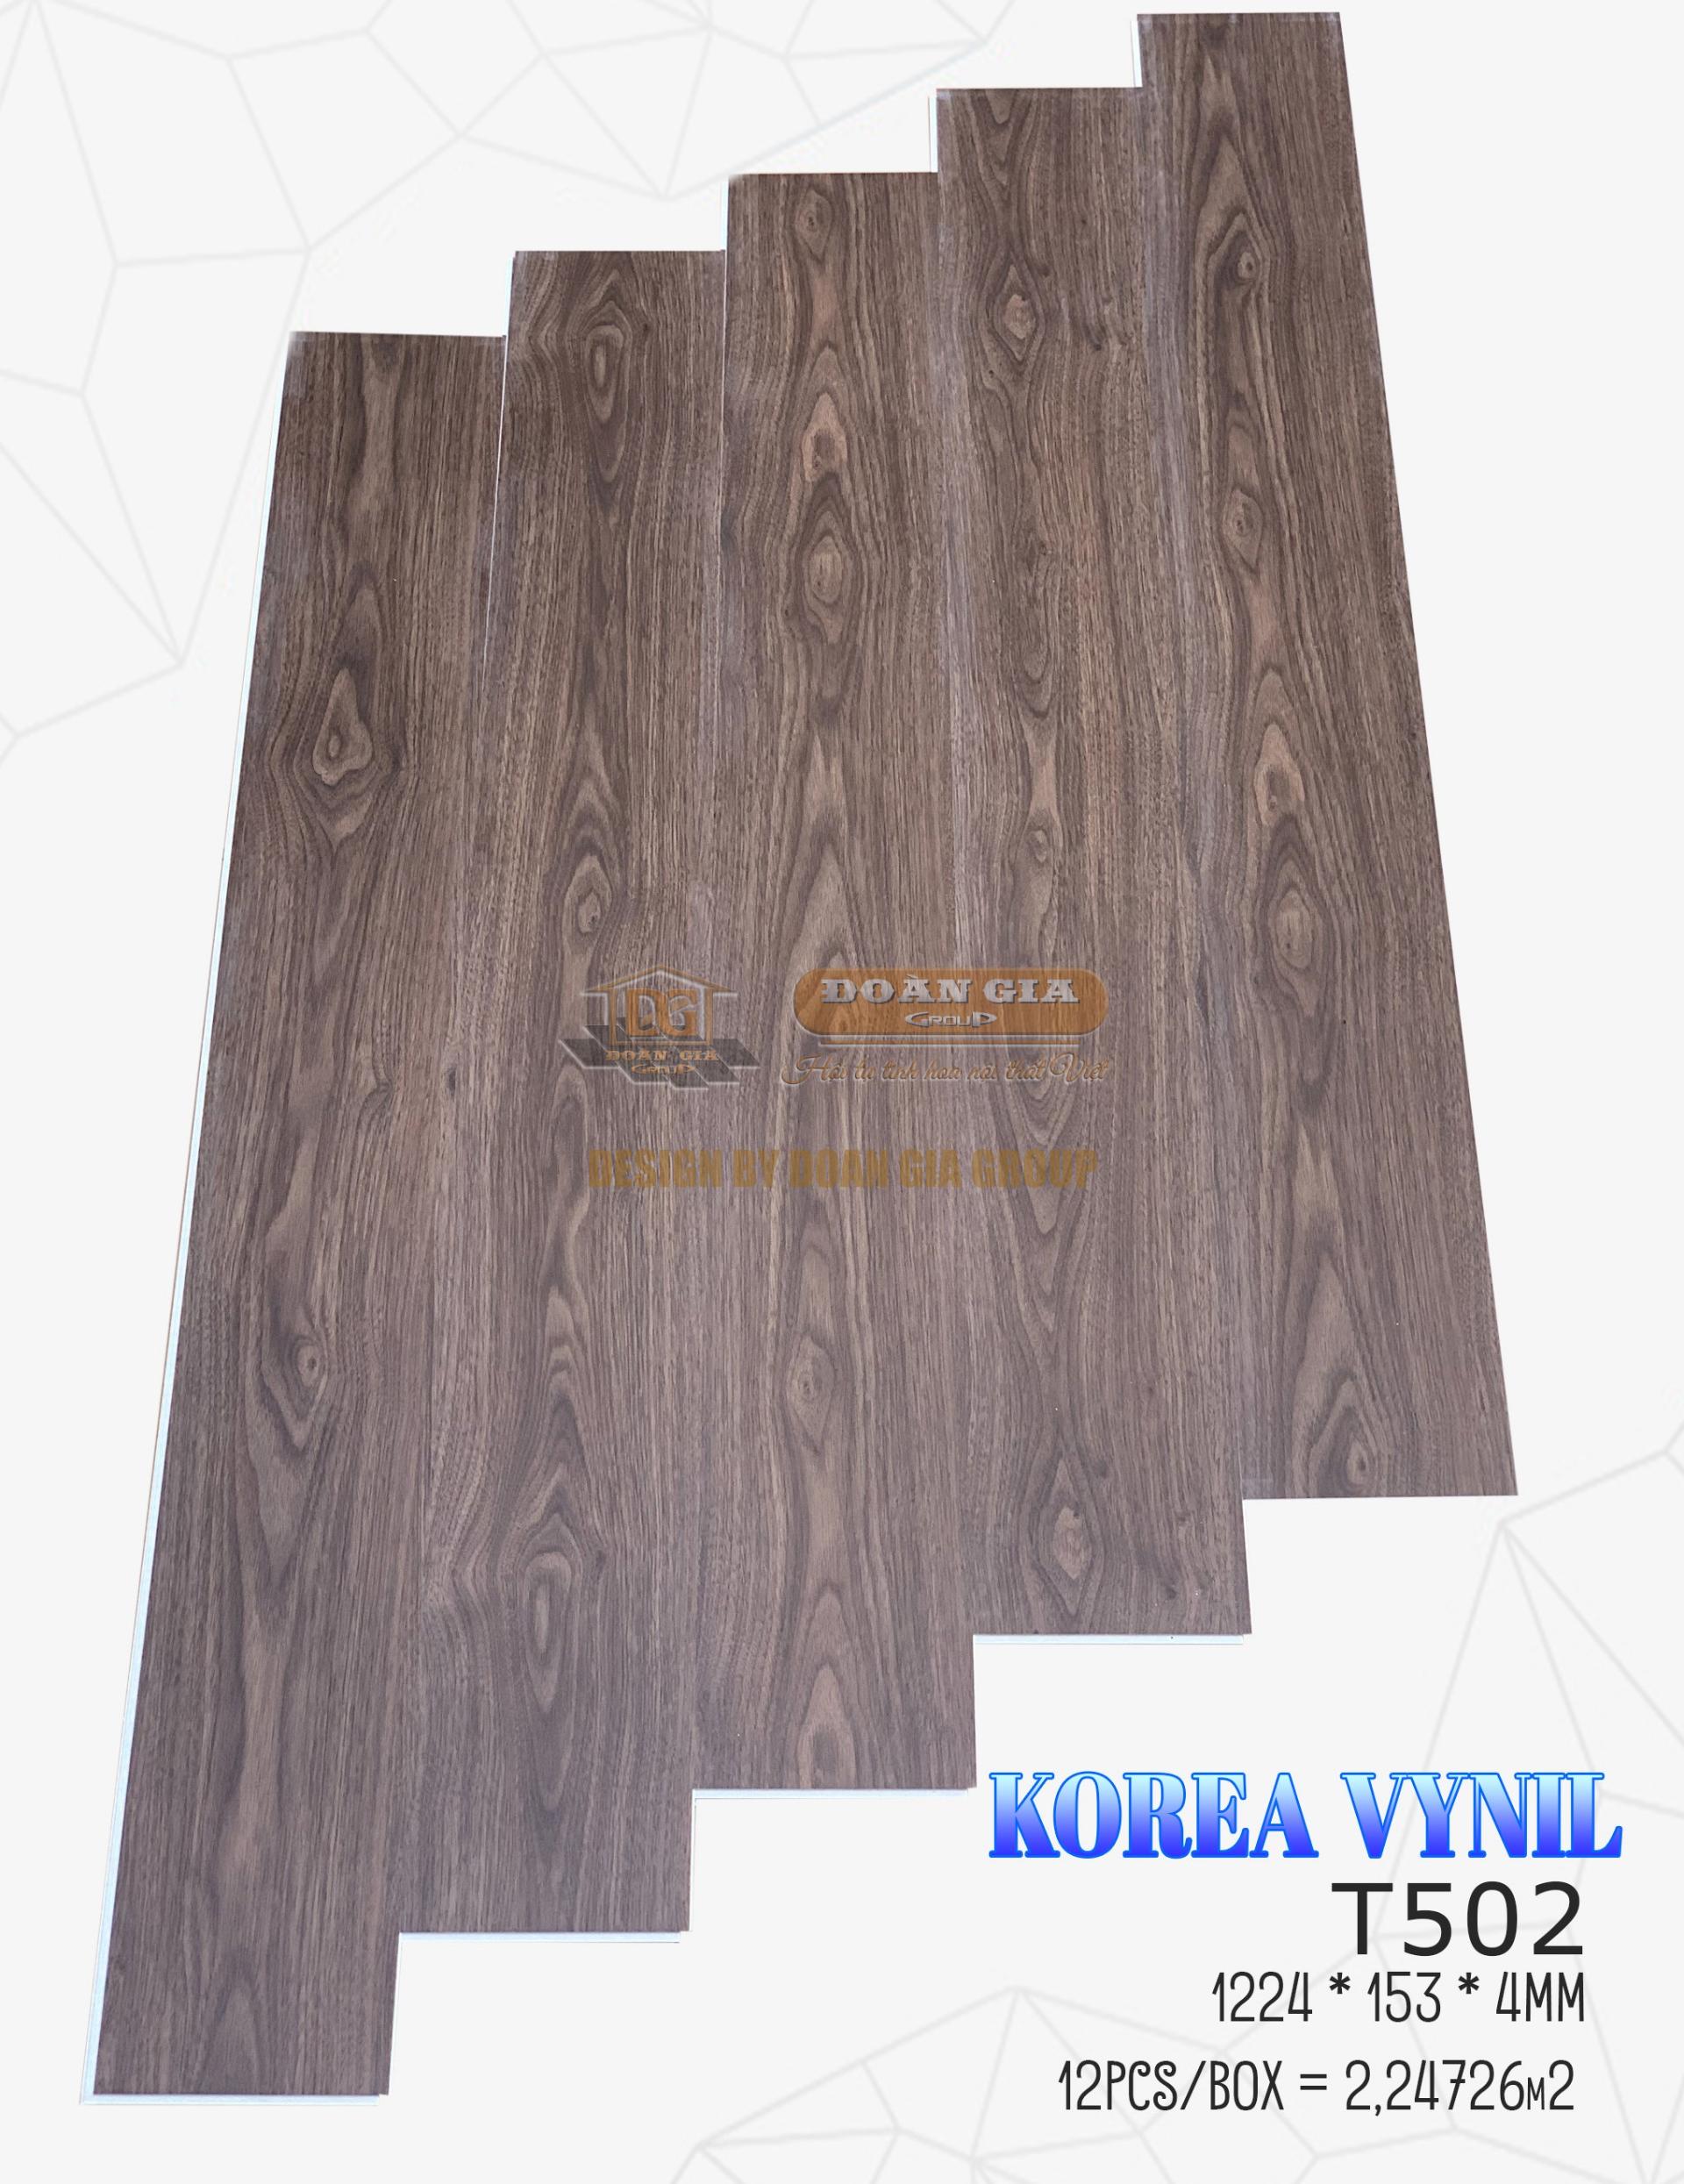 san-nhua-korea-vinyl-502